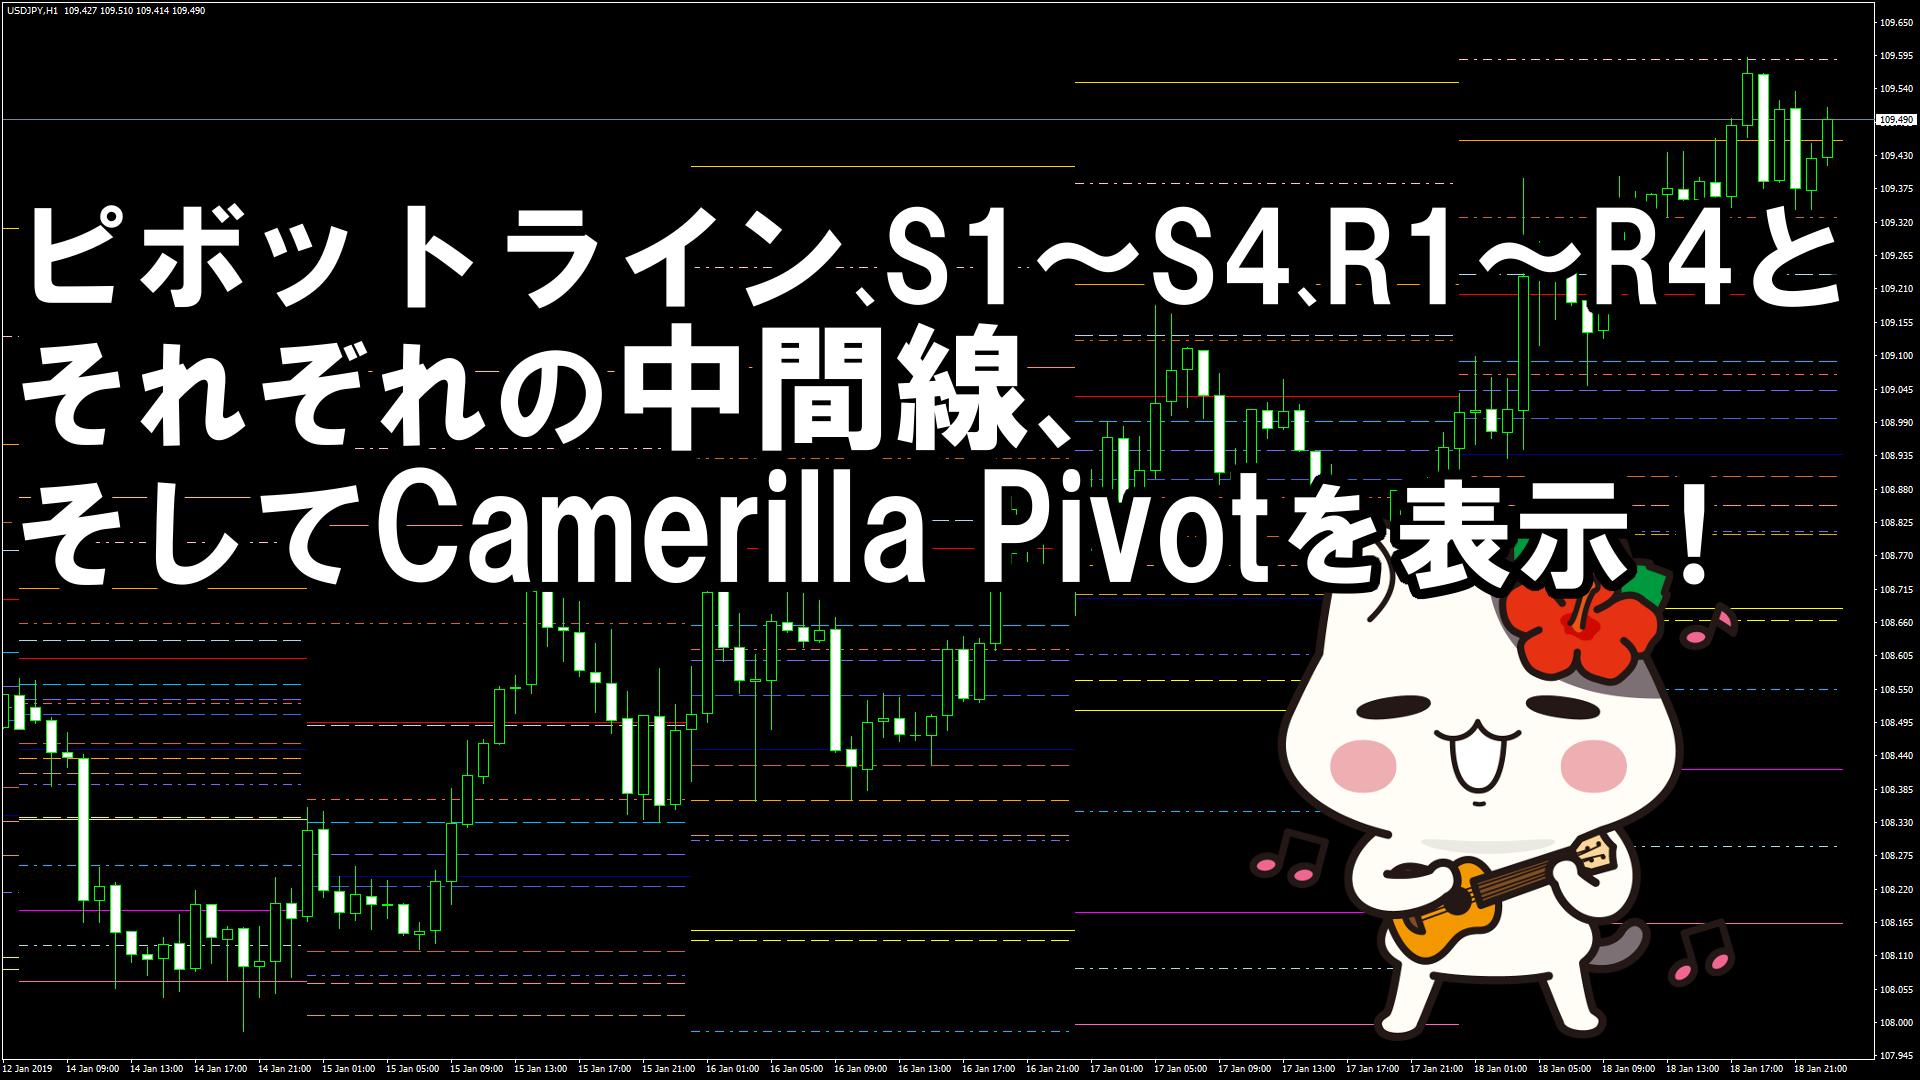 ピボットライン、S1~S4、R1~R4とそれぞれの中間線、そしてCamerilla Pivotを表示するMT4インジケーター『AllPivots_v1』